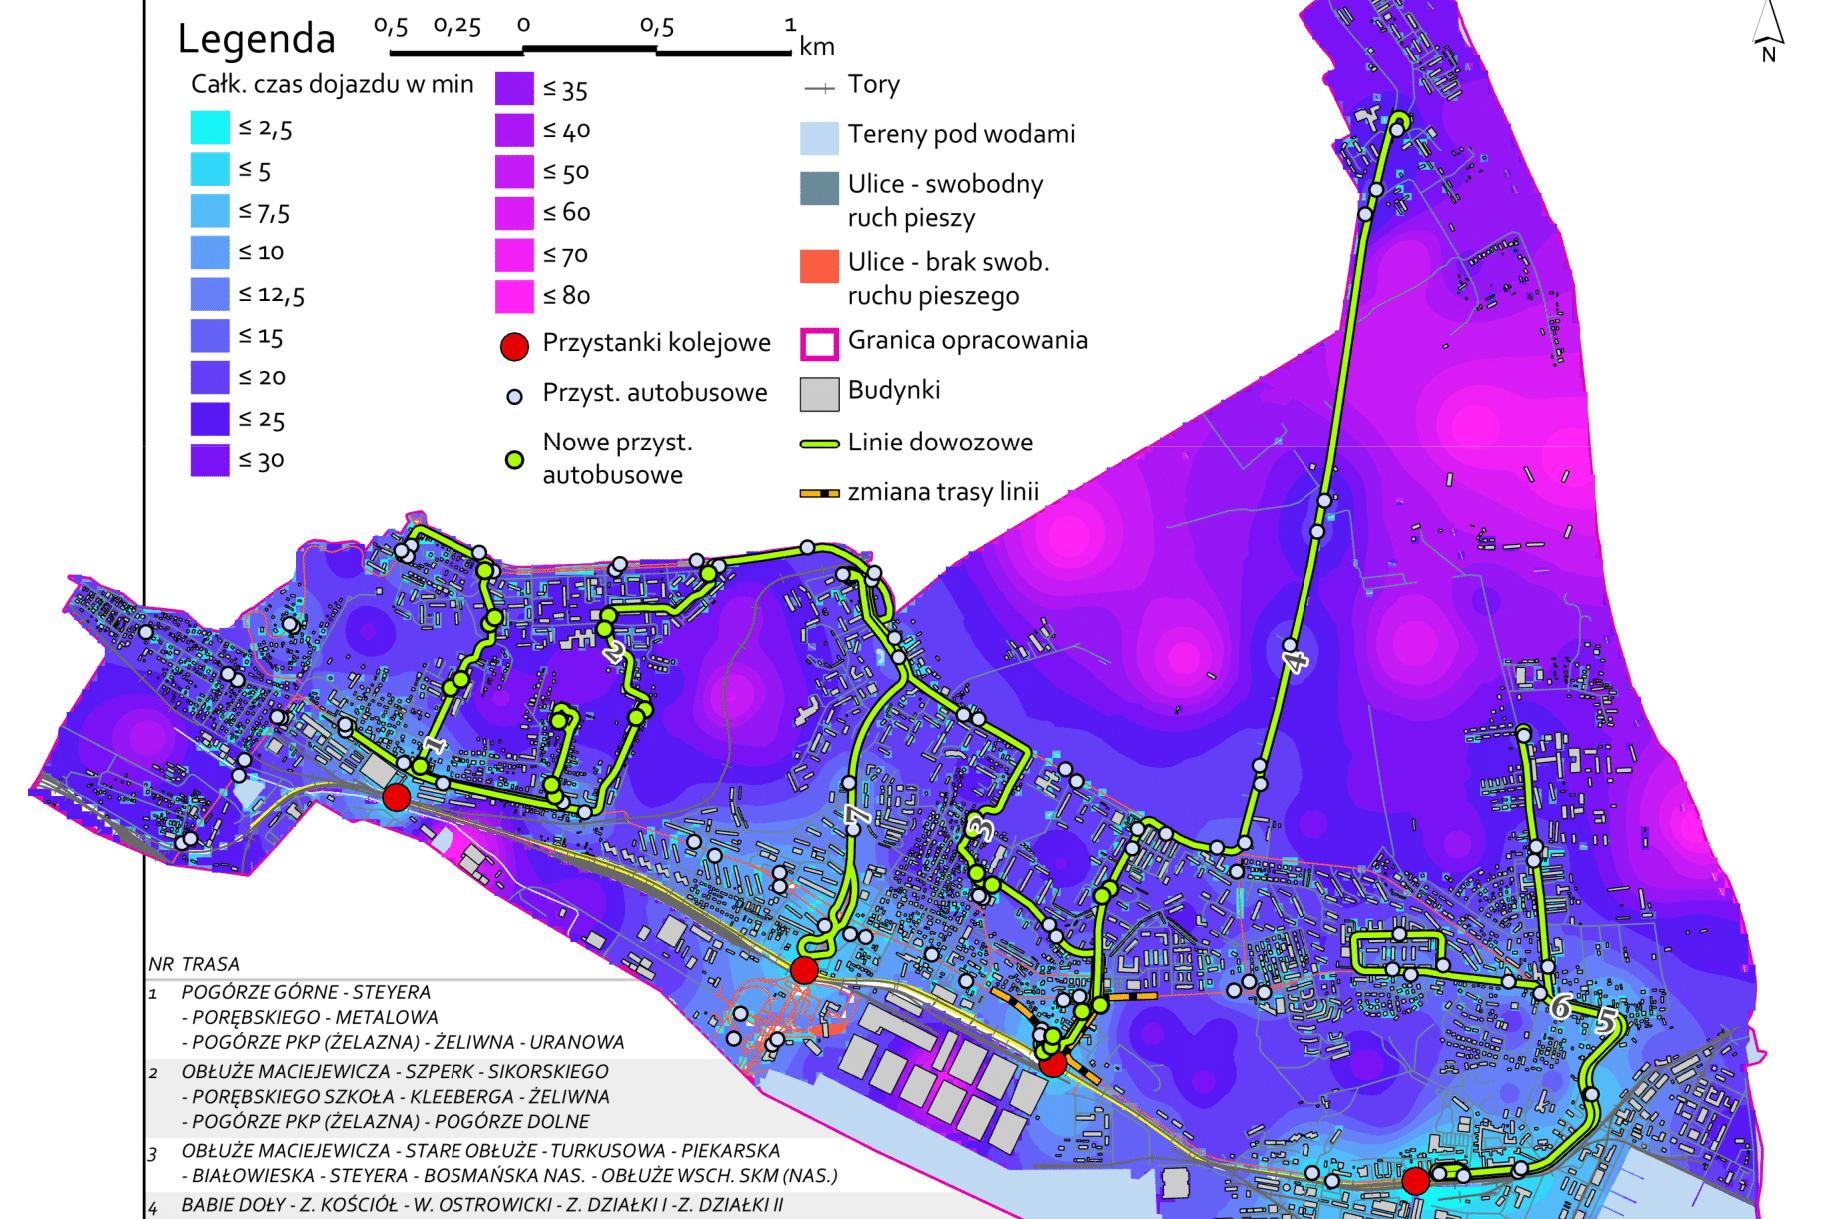 Jedna z map przygotowanych przez Rafała Borowskiego, laureata nagrody głównej // fot. materiały konkursowe